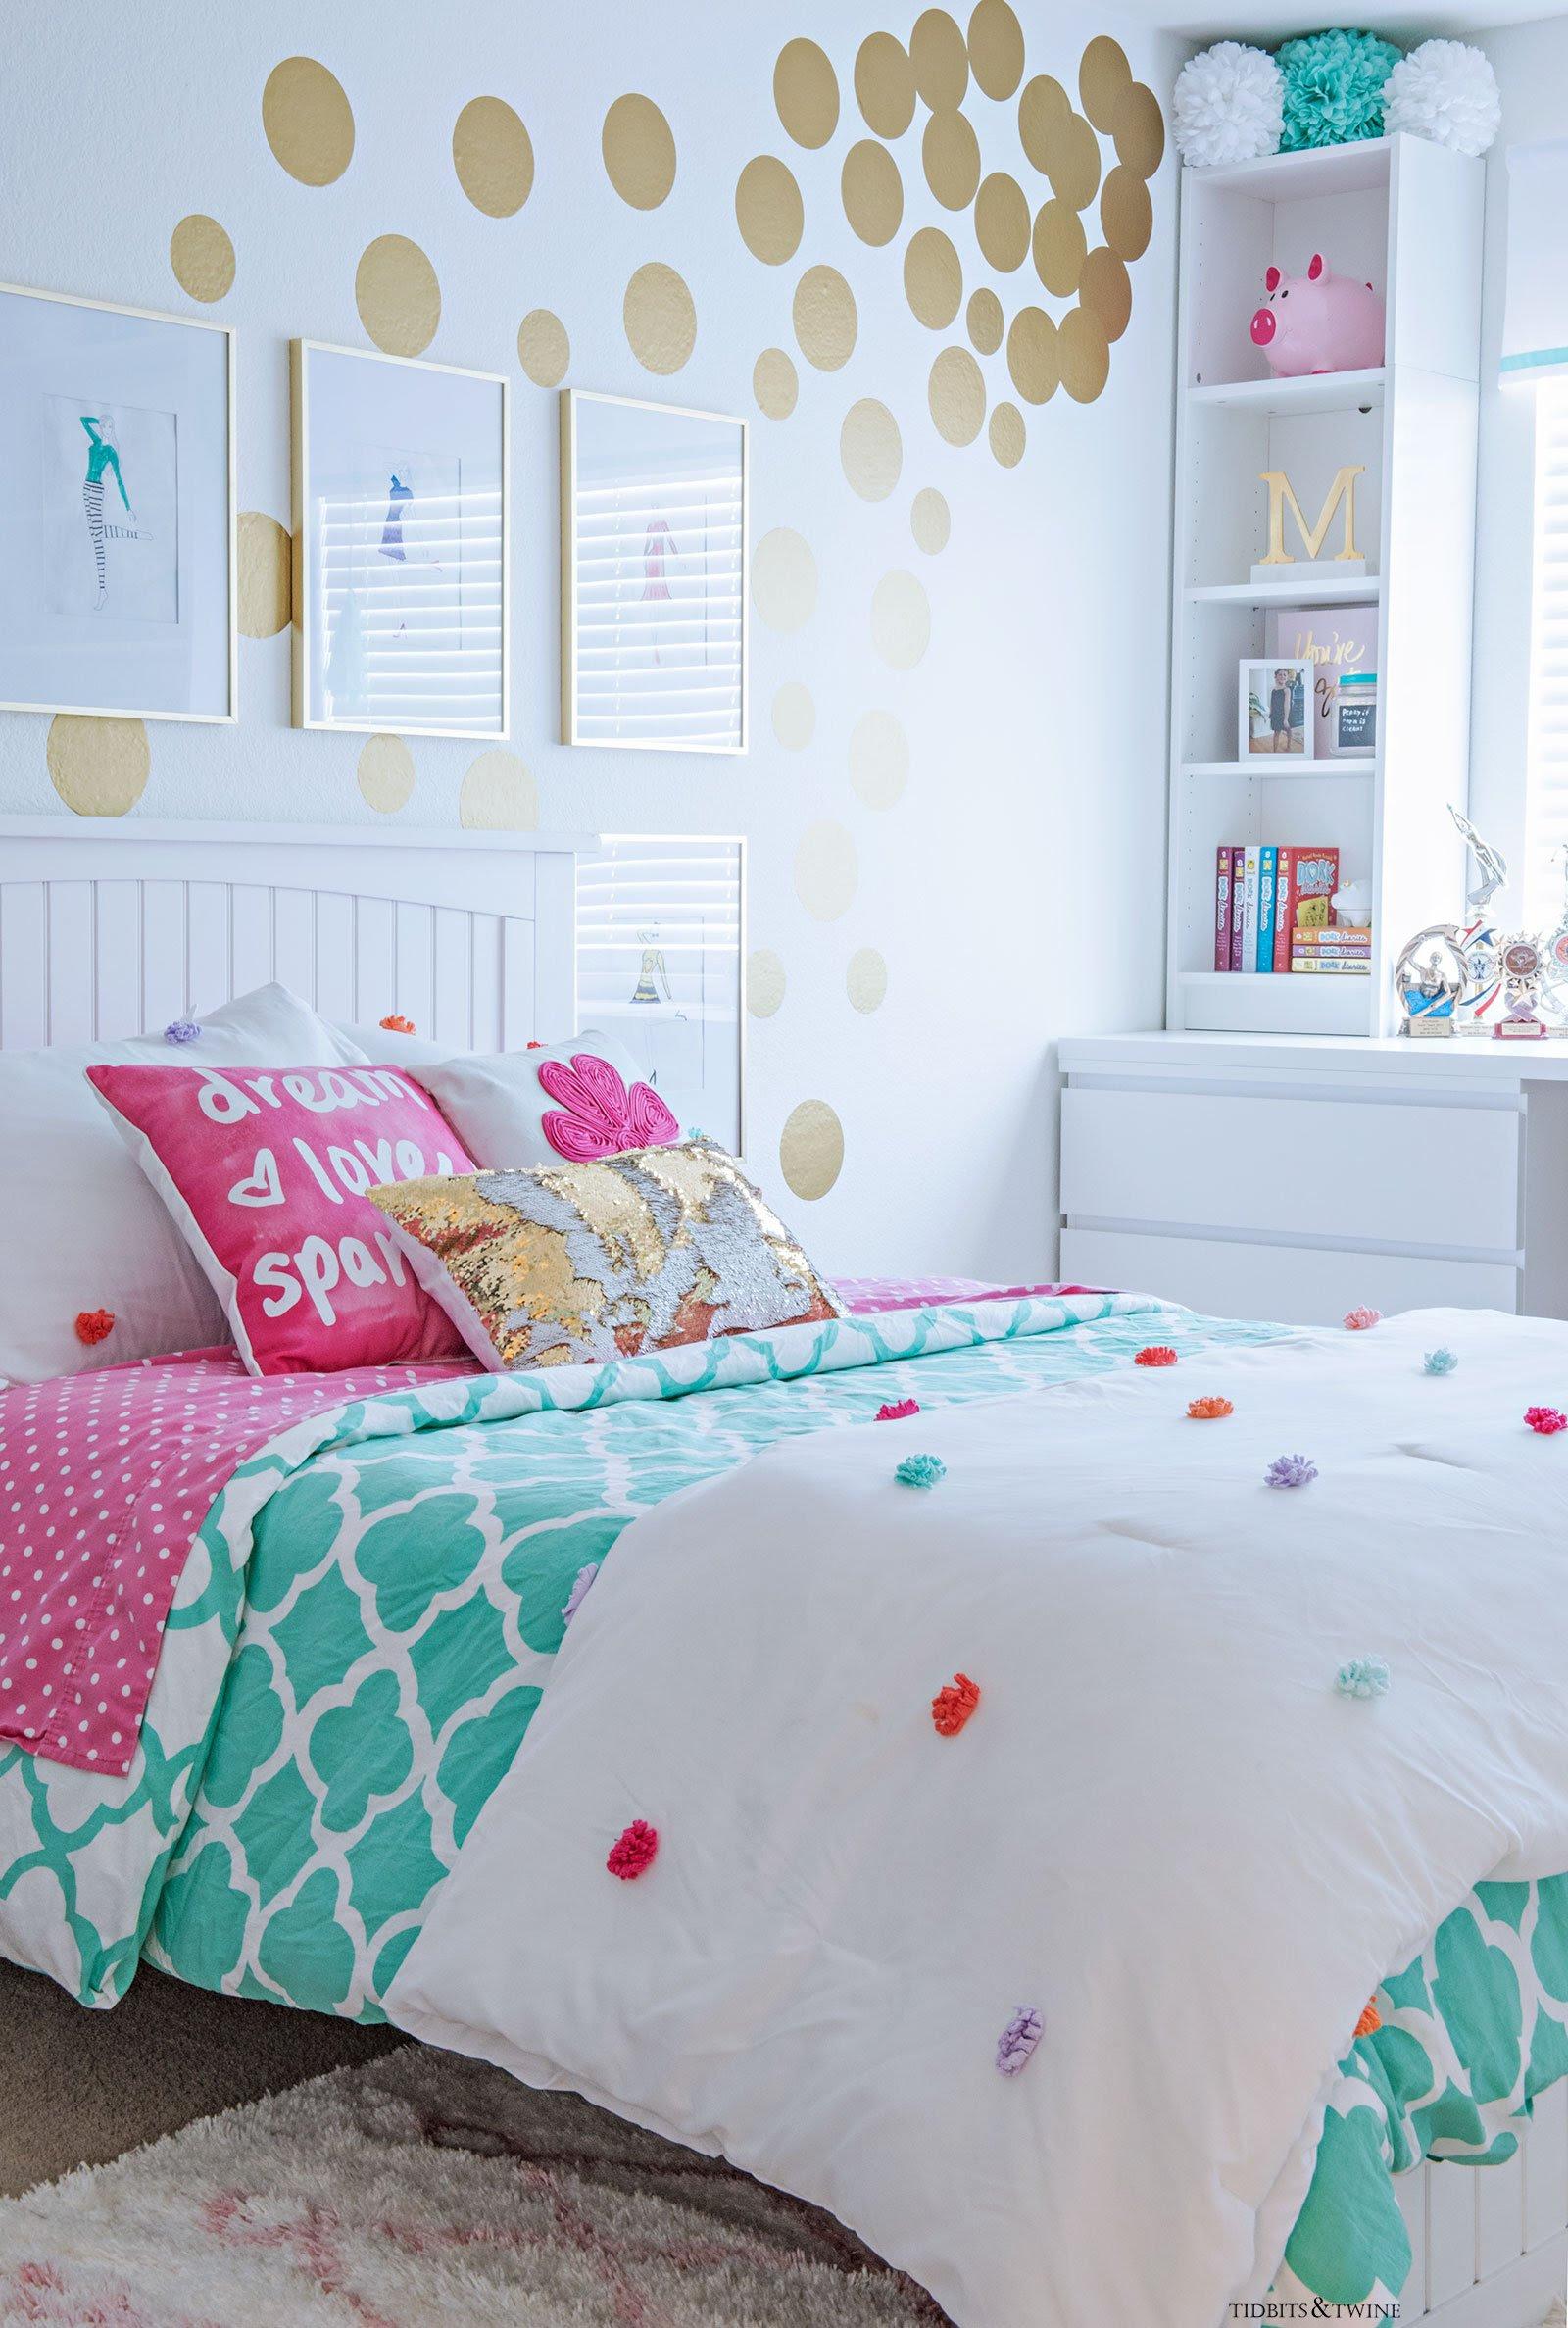 Tween Girl's Bedroom Makeover - REVEAL - TIDBITS&TWINE